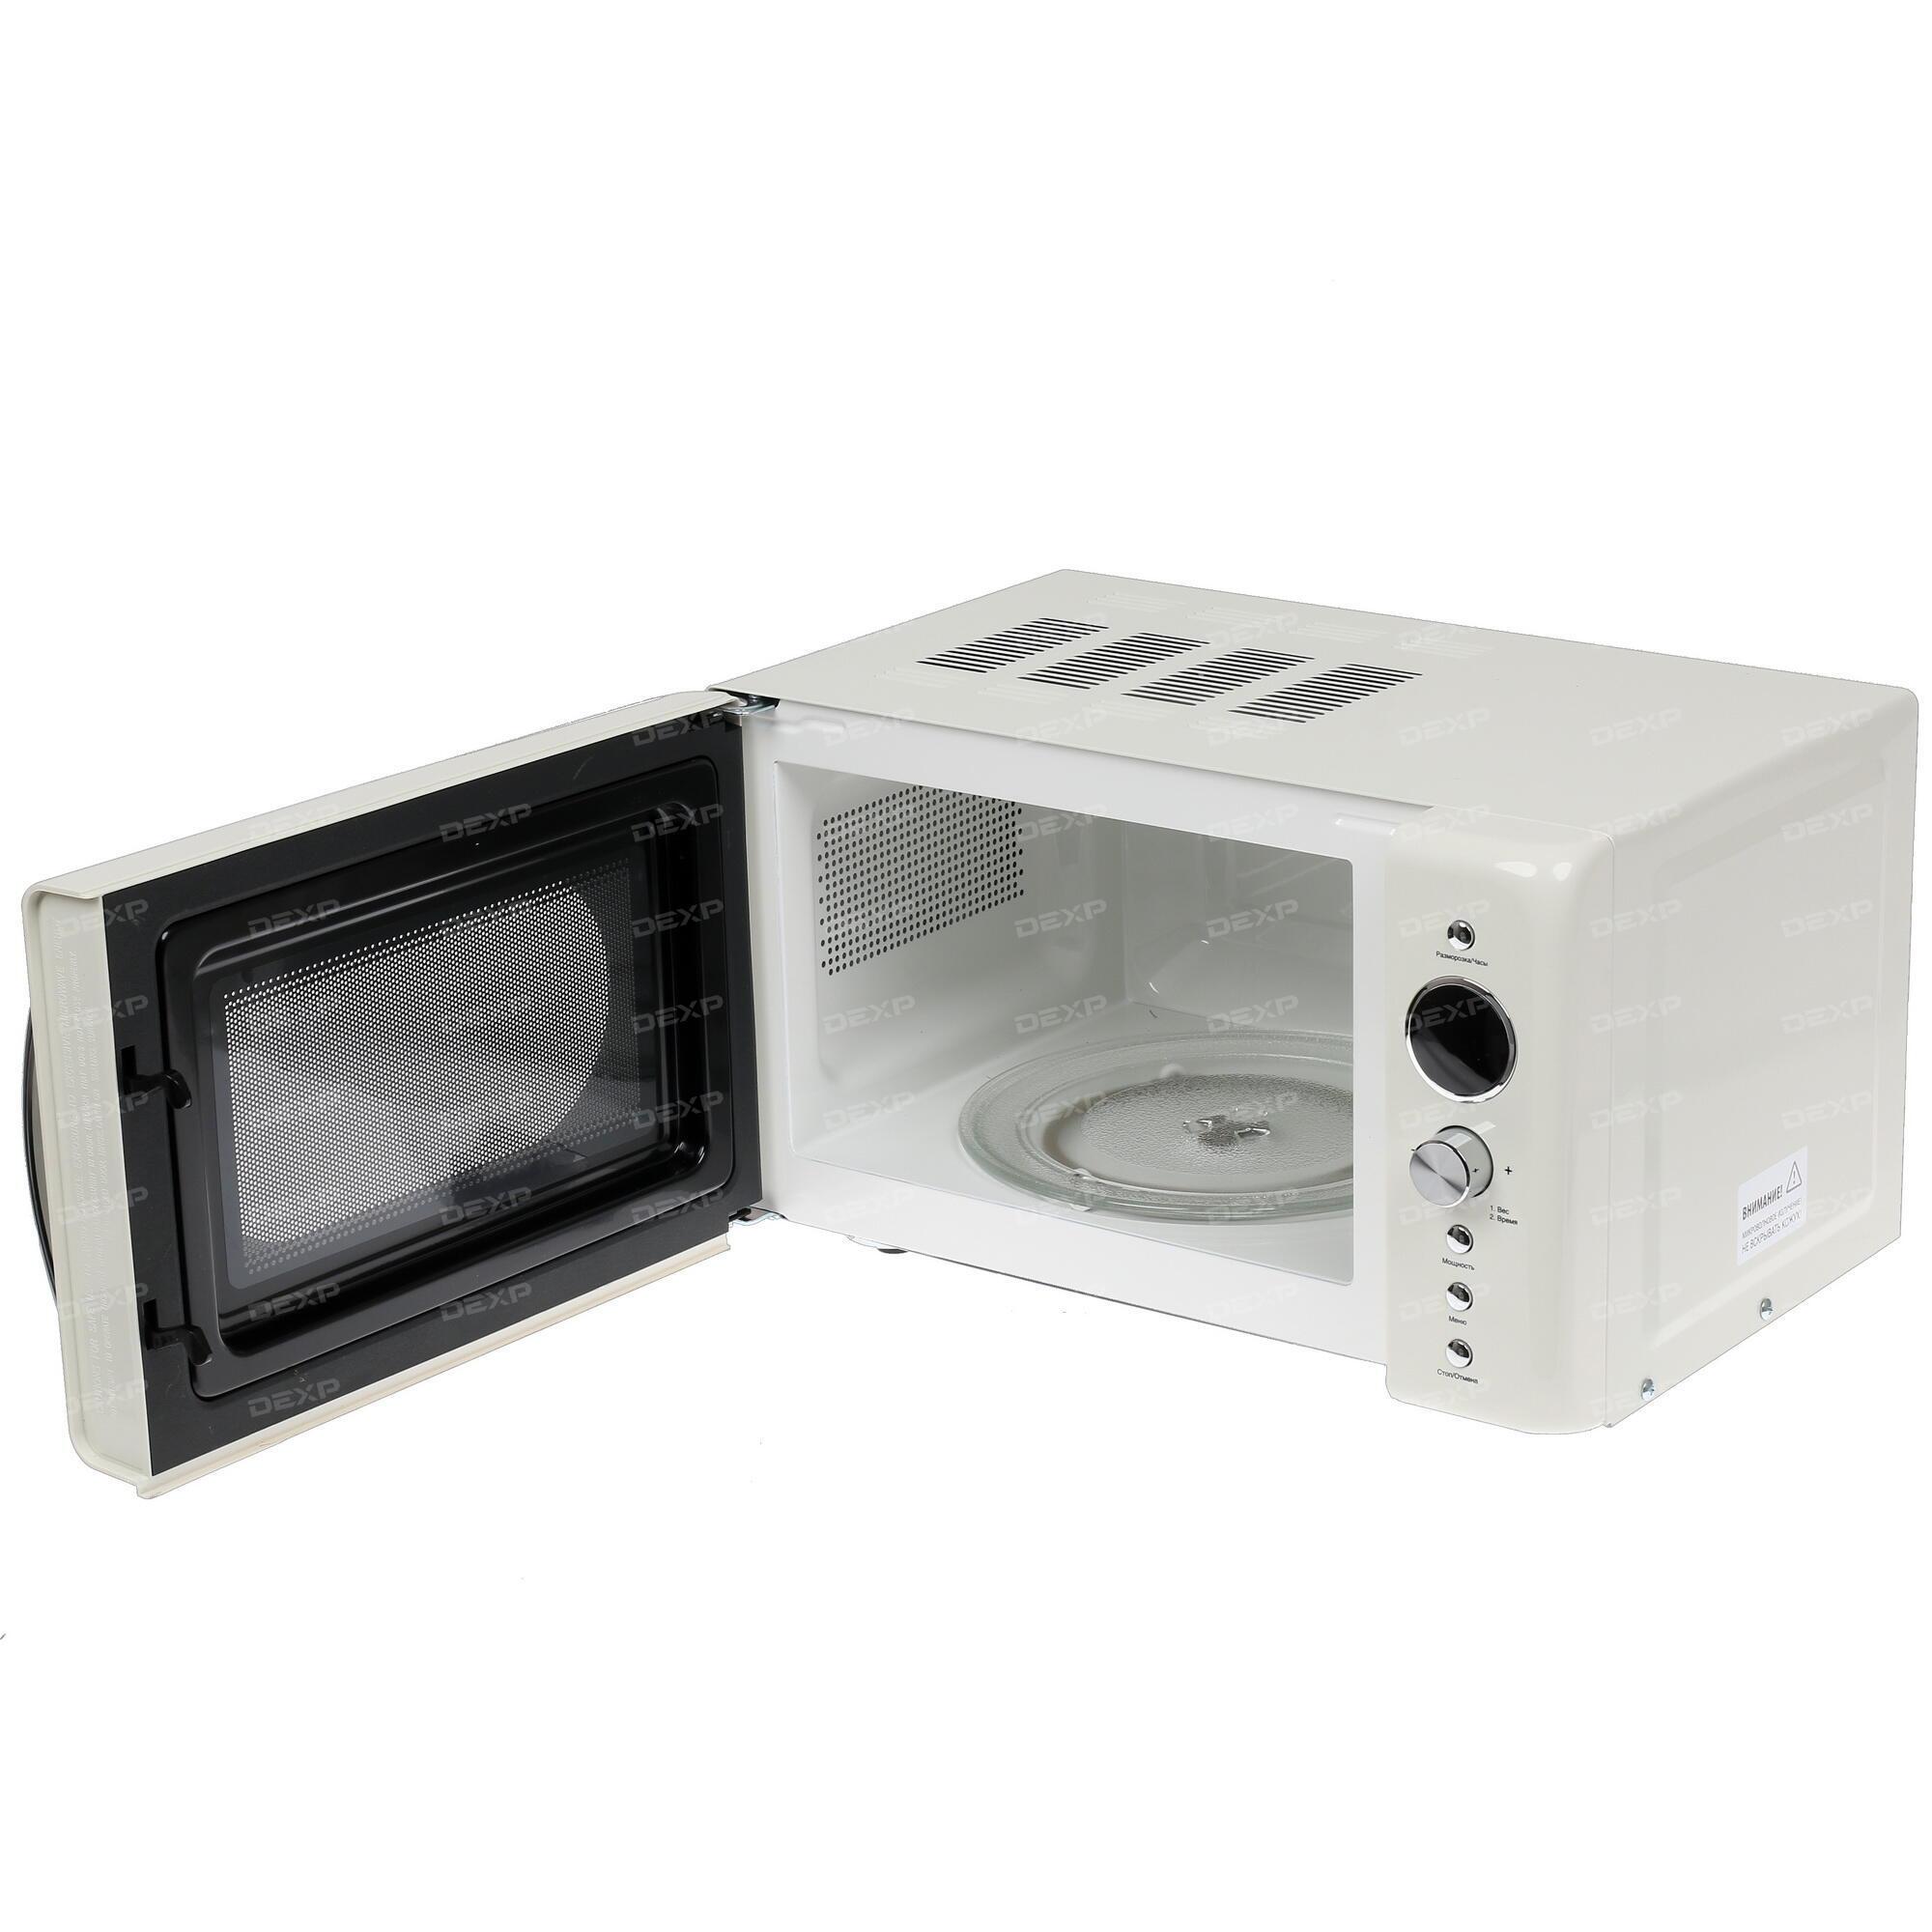 Микроволновая печь DEXP ES-90 черный | Микроволновые печи ...